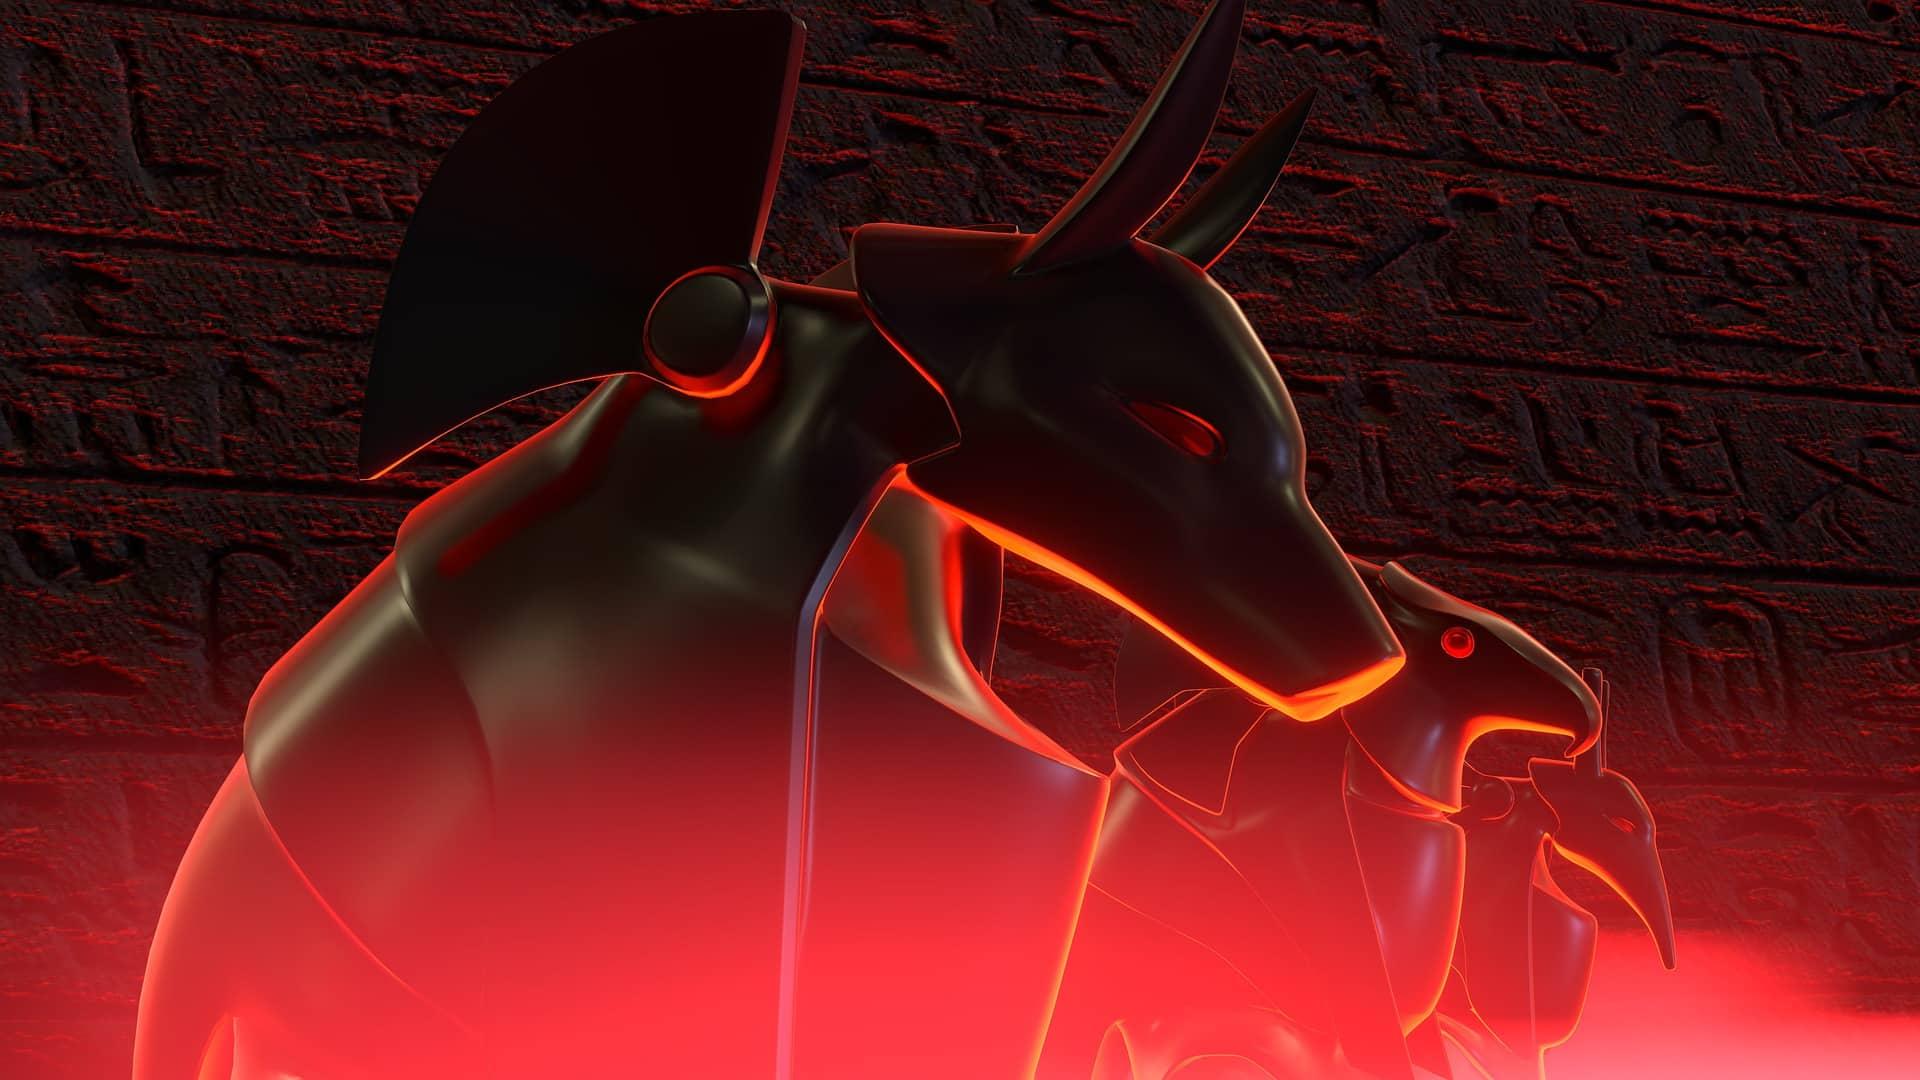 Le malware Anubis peut voler votre portefeuille de cryptomonnaies